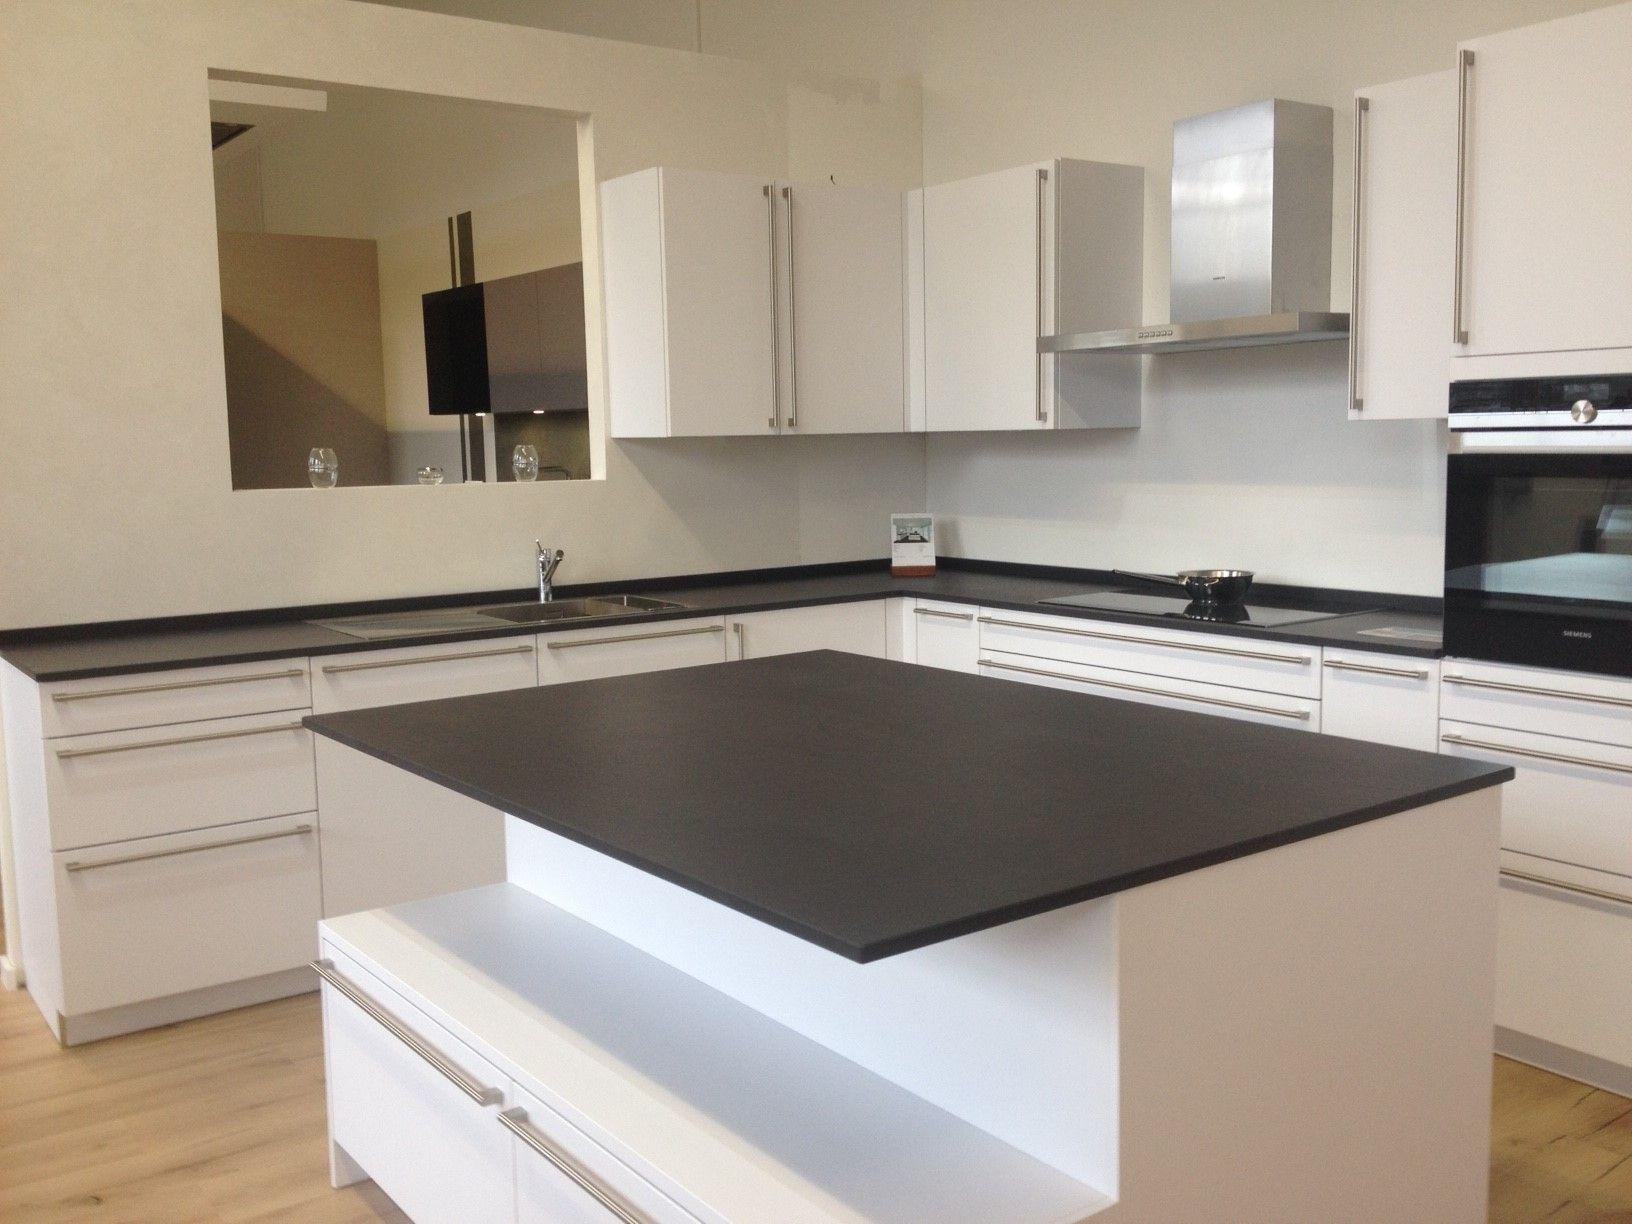 Cuisine ultra blanche et moderne plan de travail noir en dekton sirius h design luxembourg for Plan de travail cuisine noir